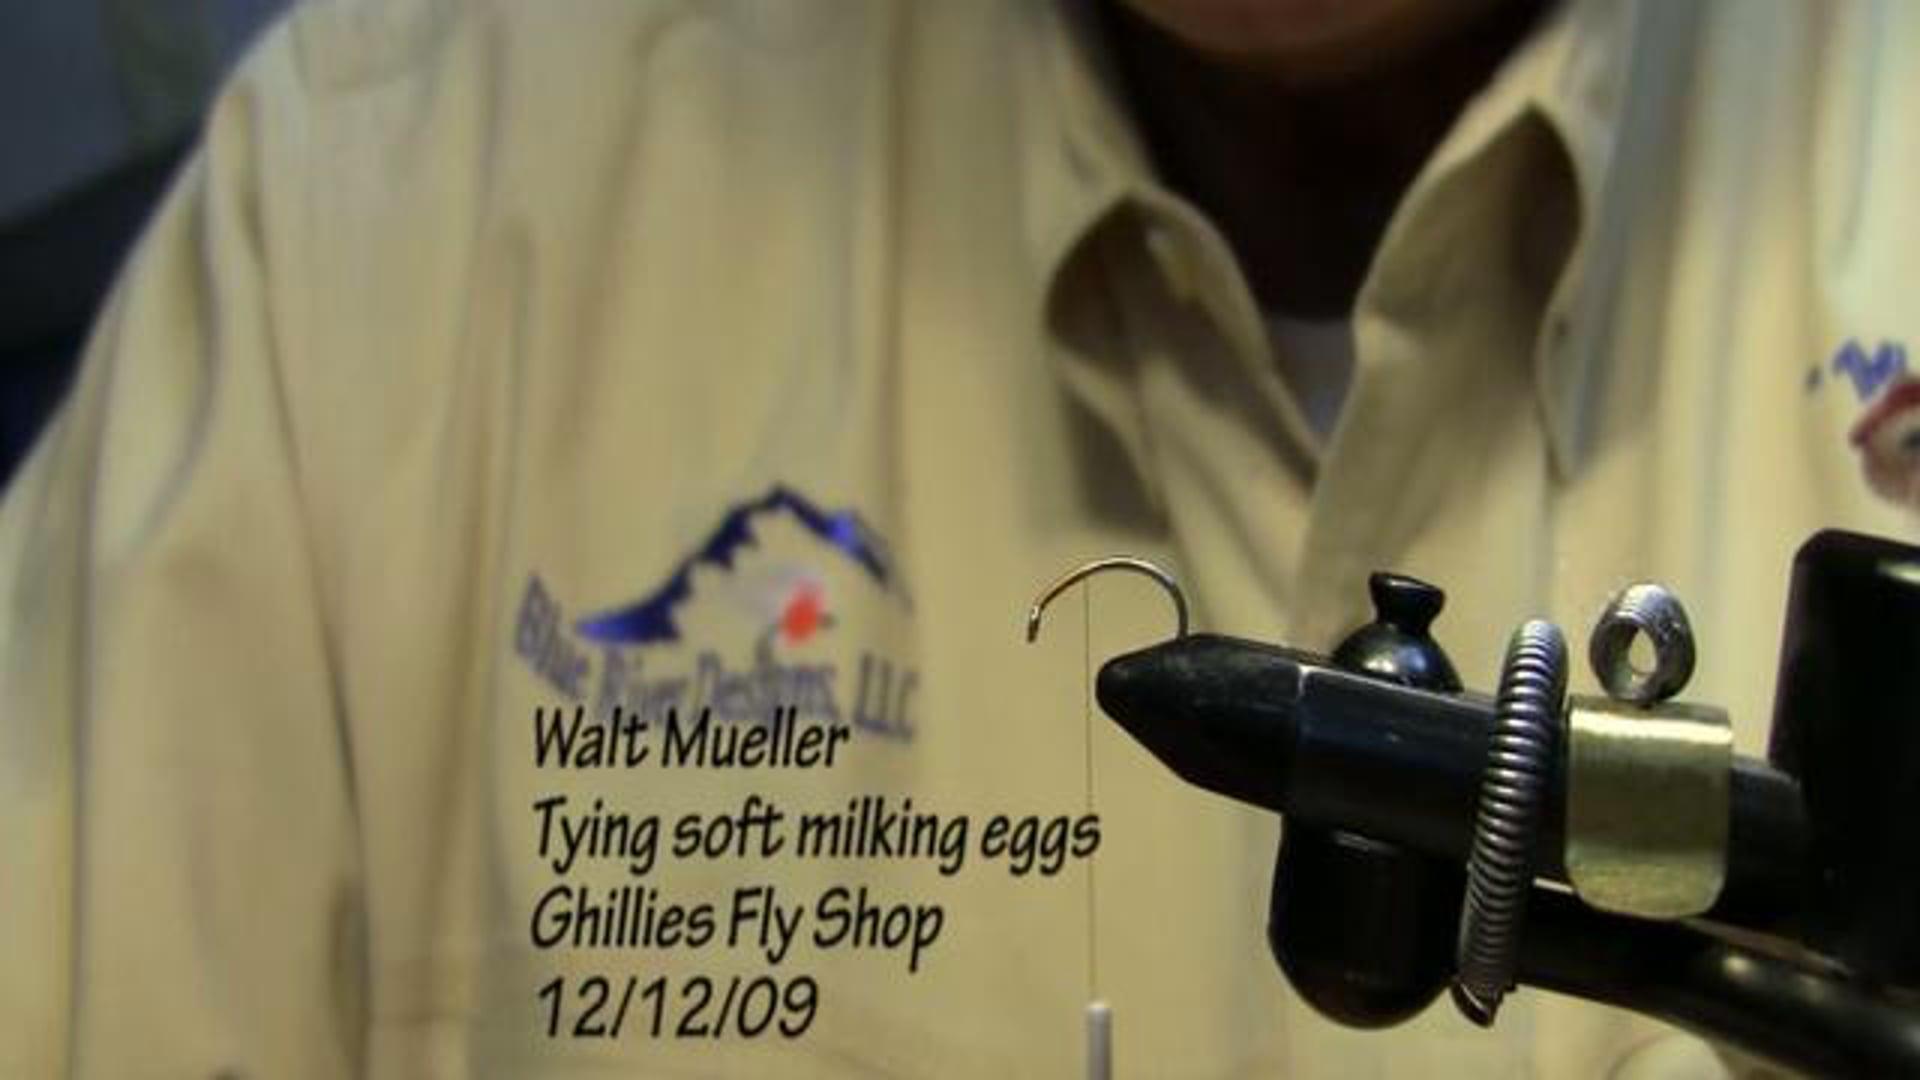 Walt-Mueller-Tying-Soft-milking-eggs.-HD-Version